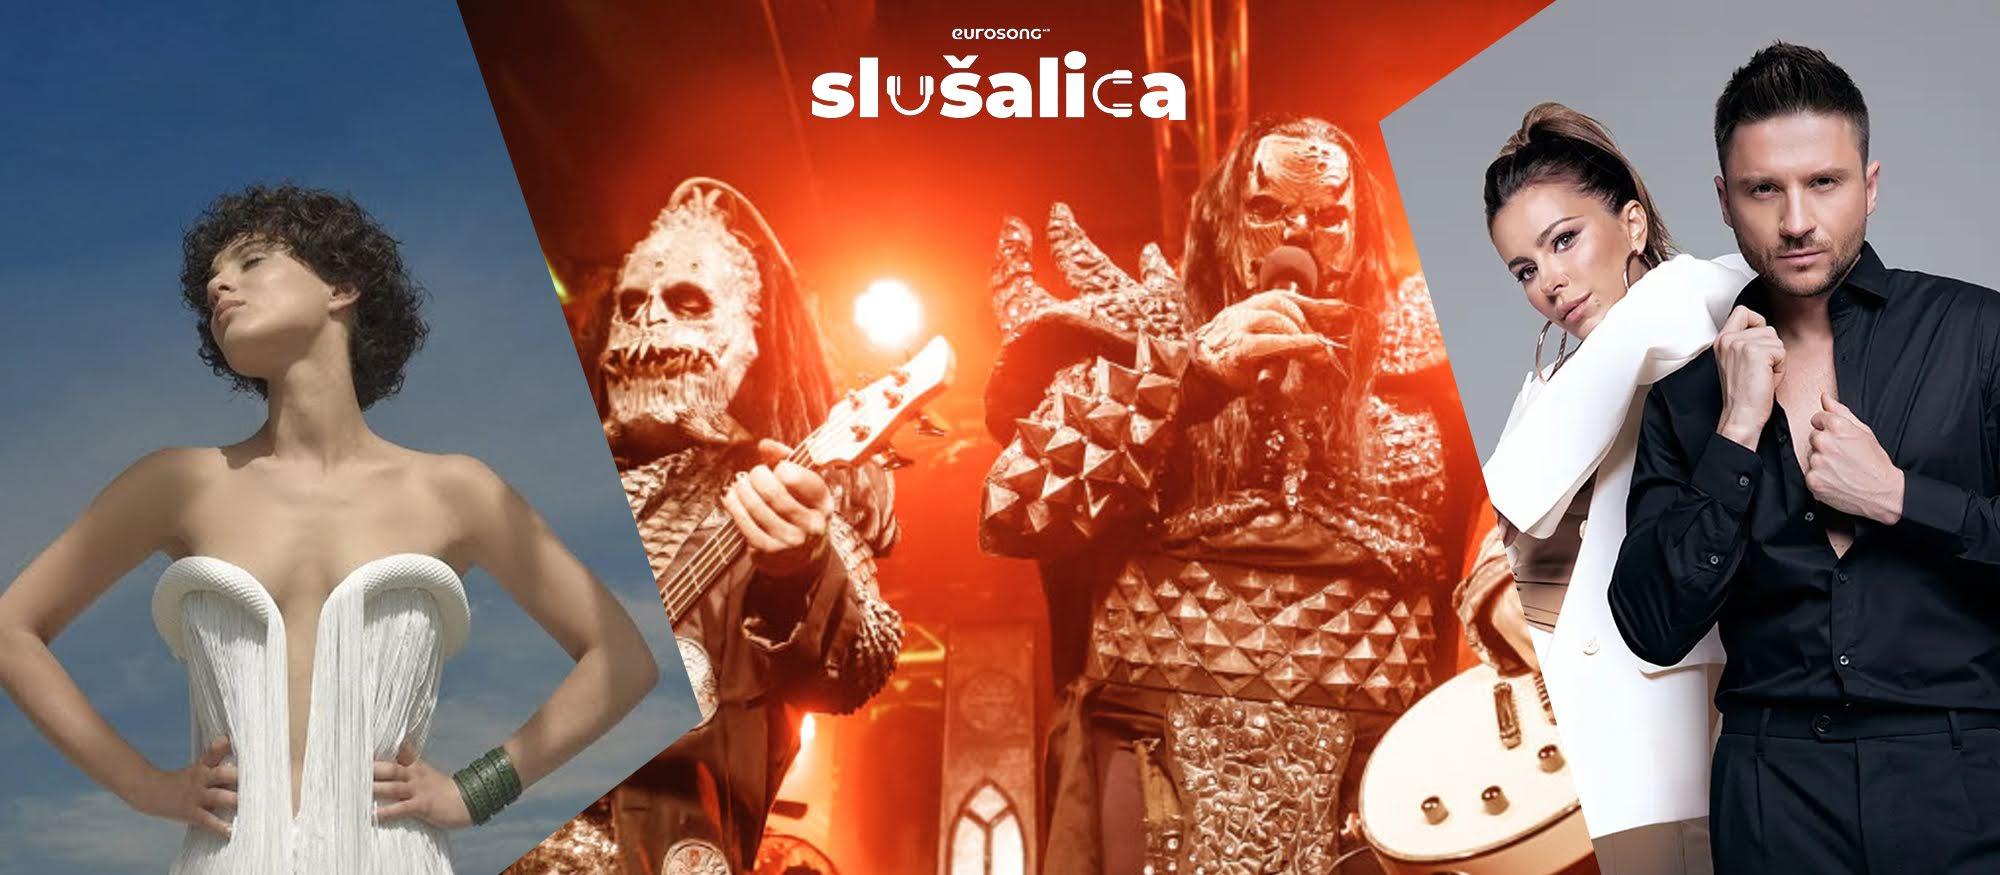 Eurosong Slušalica vizual za strani hit kolovoza/augusta 2021,